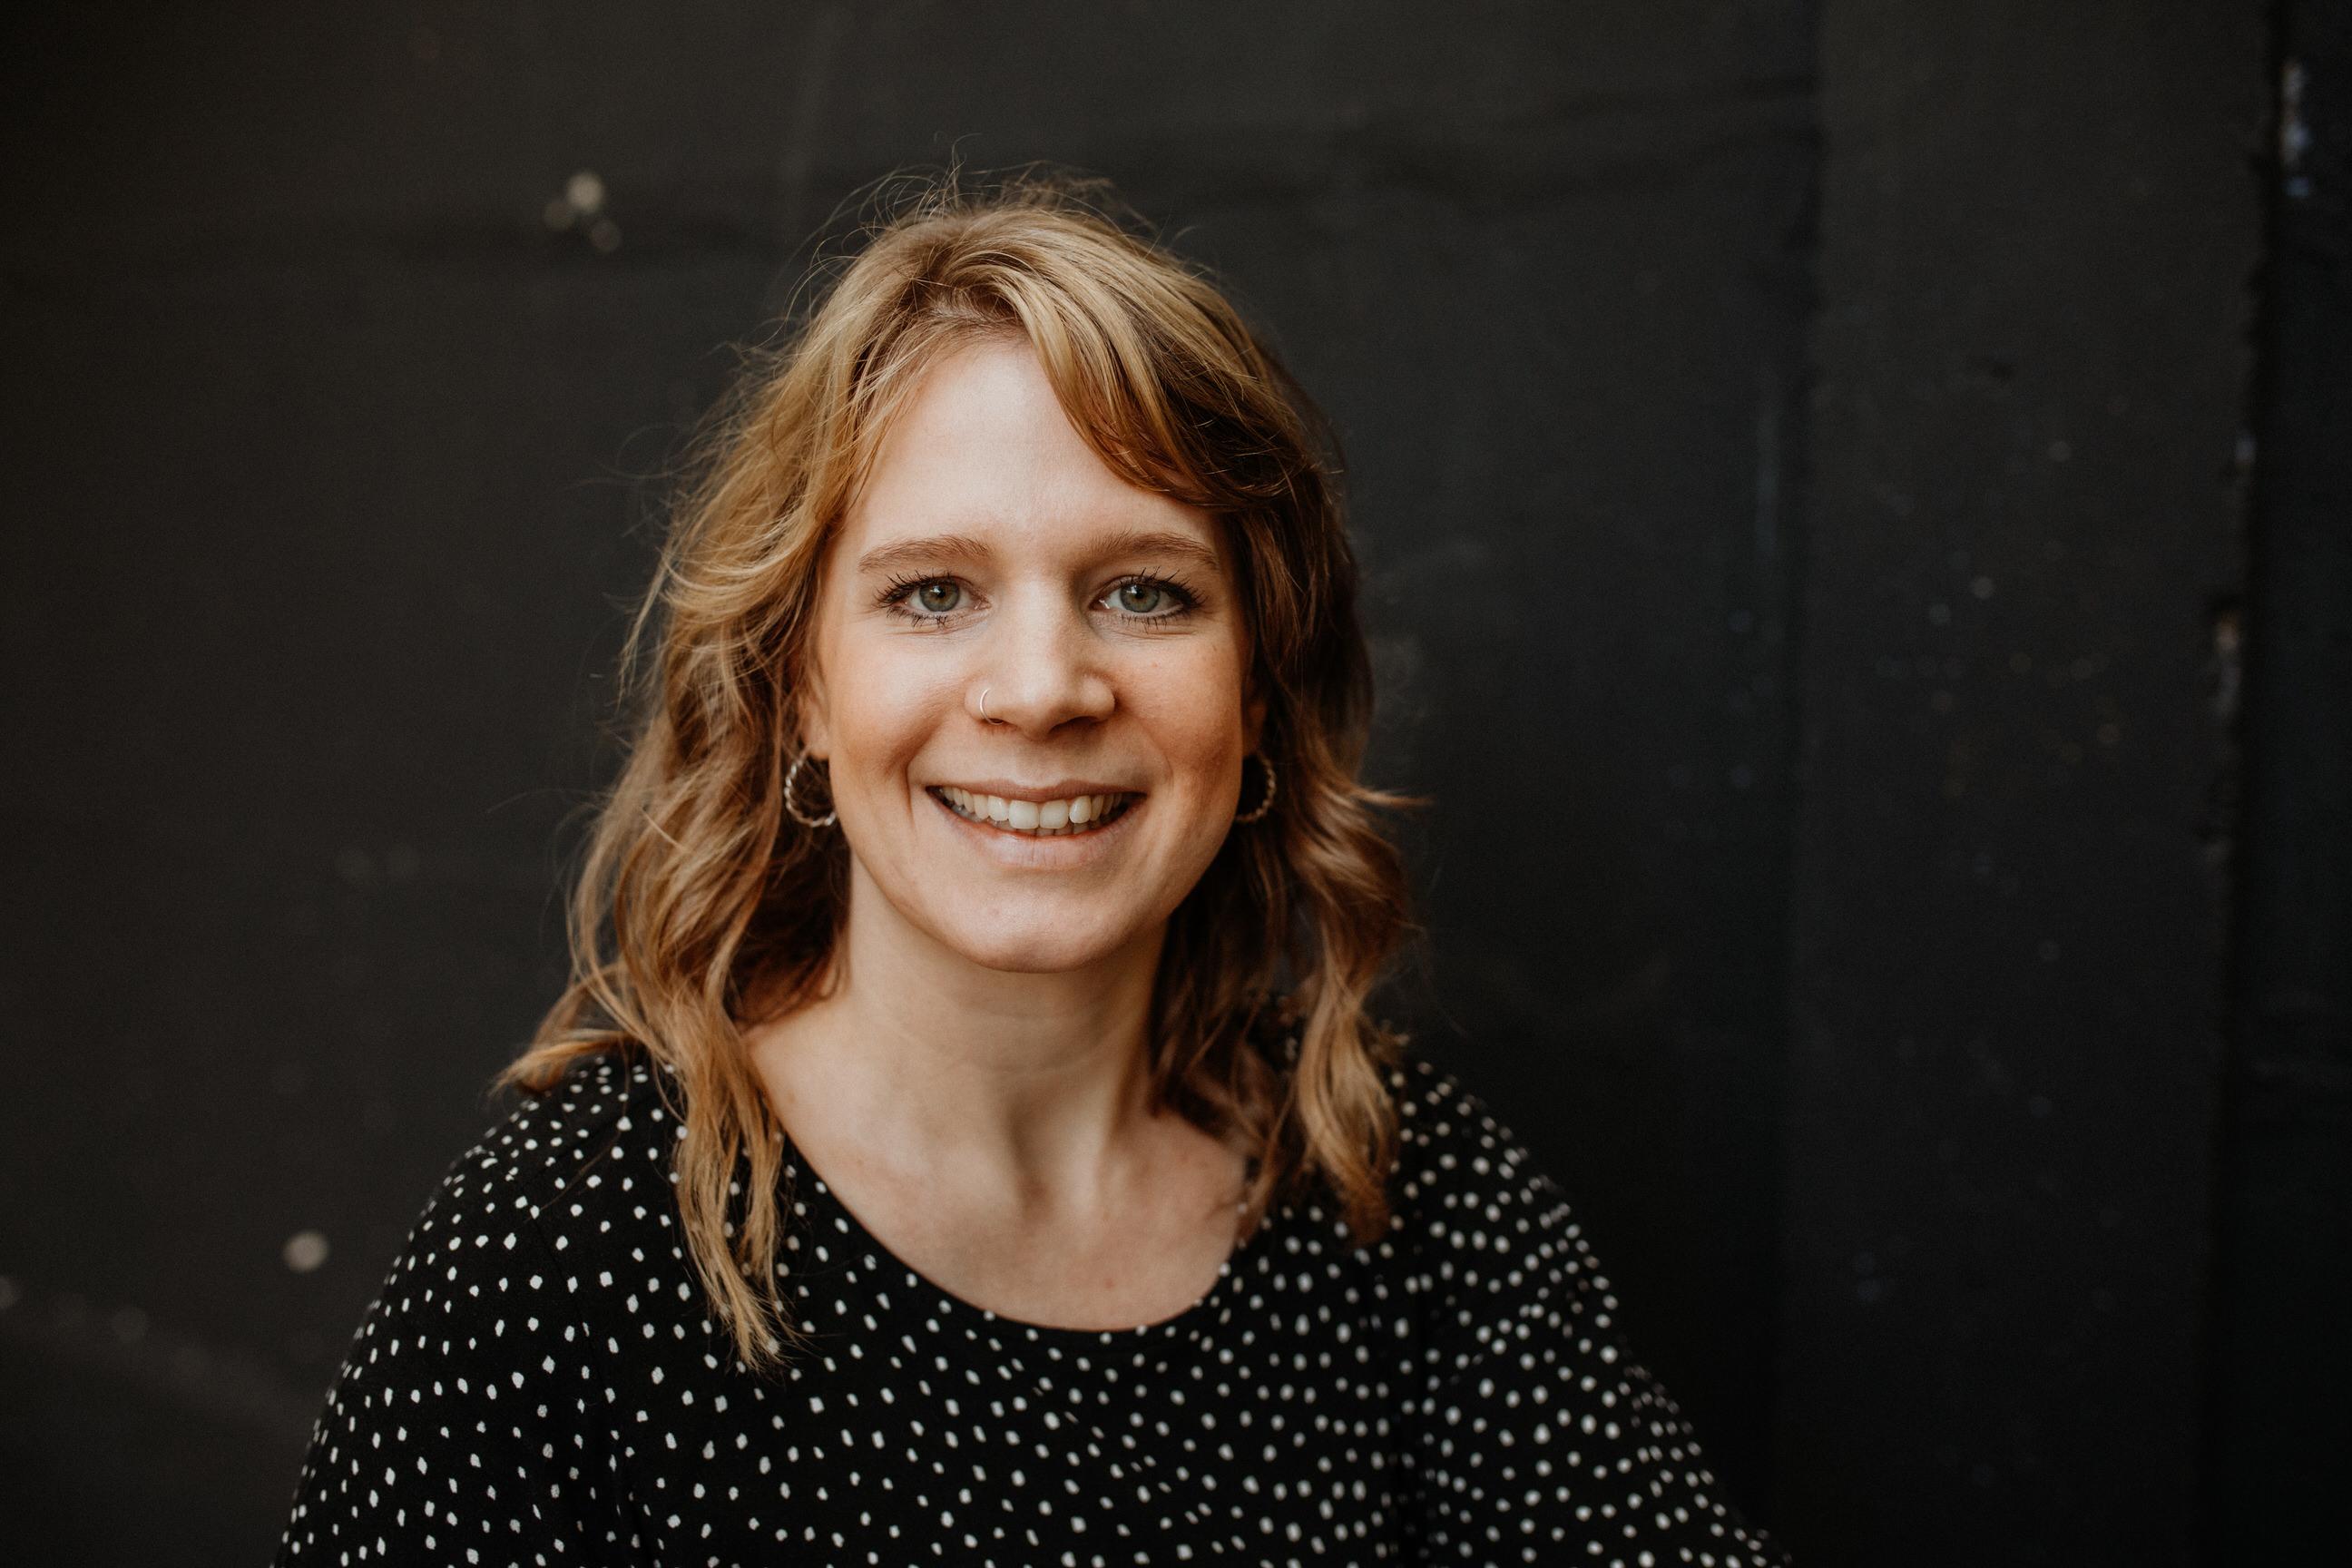 Hochzeitsrednerin Lea Melle aus Berlin